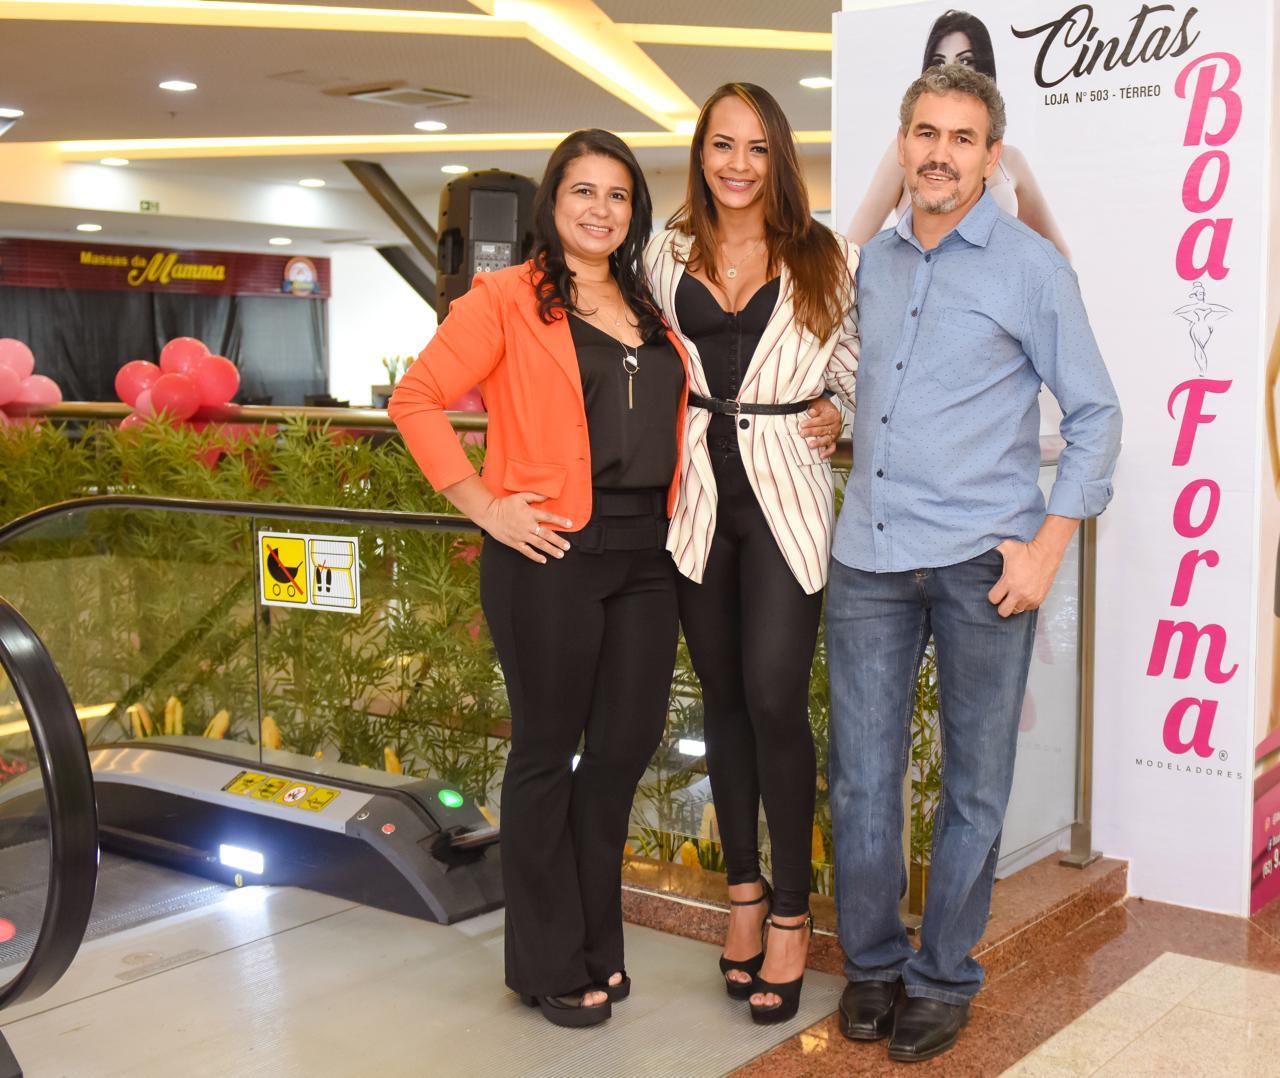 Influenciadora digital e atriz Valéria Cunha fez presença VIP em evento de moda em Goiânia